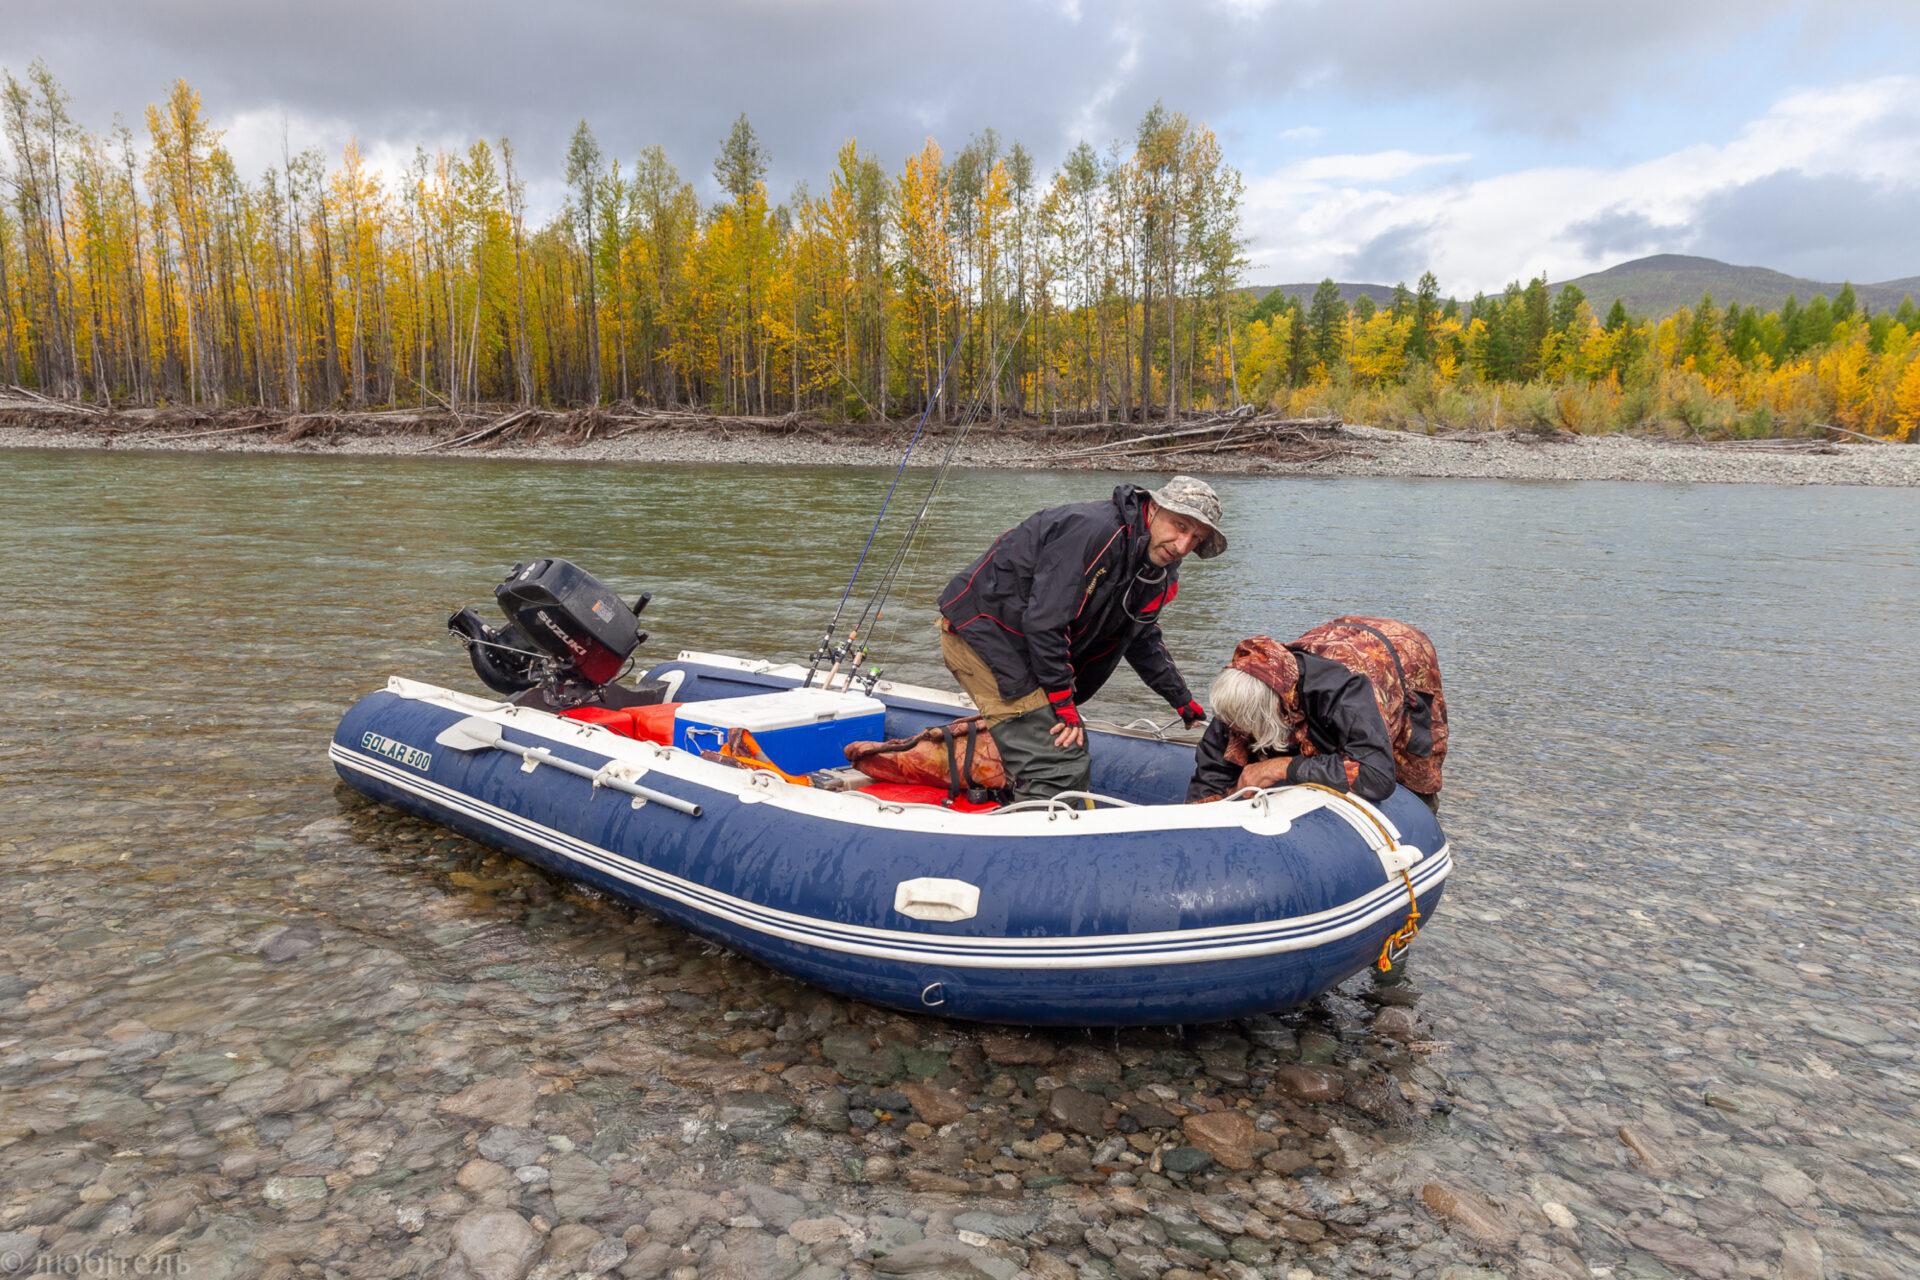 Плыла-качалась лодочка, дапоТомпо-реке. Часть 3